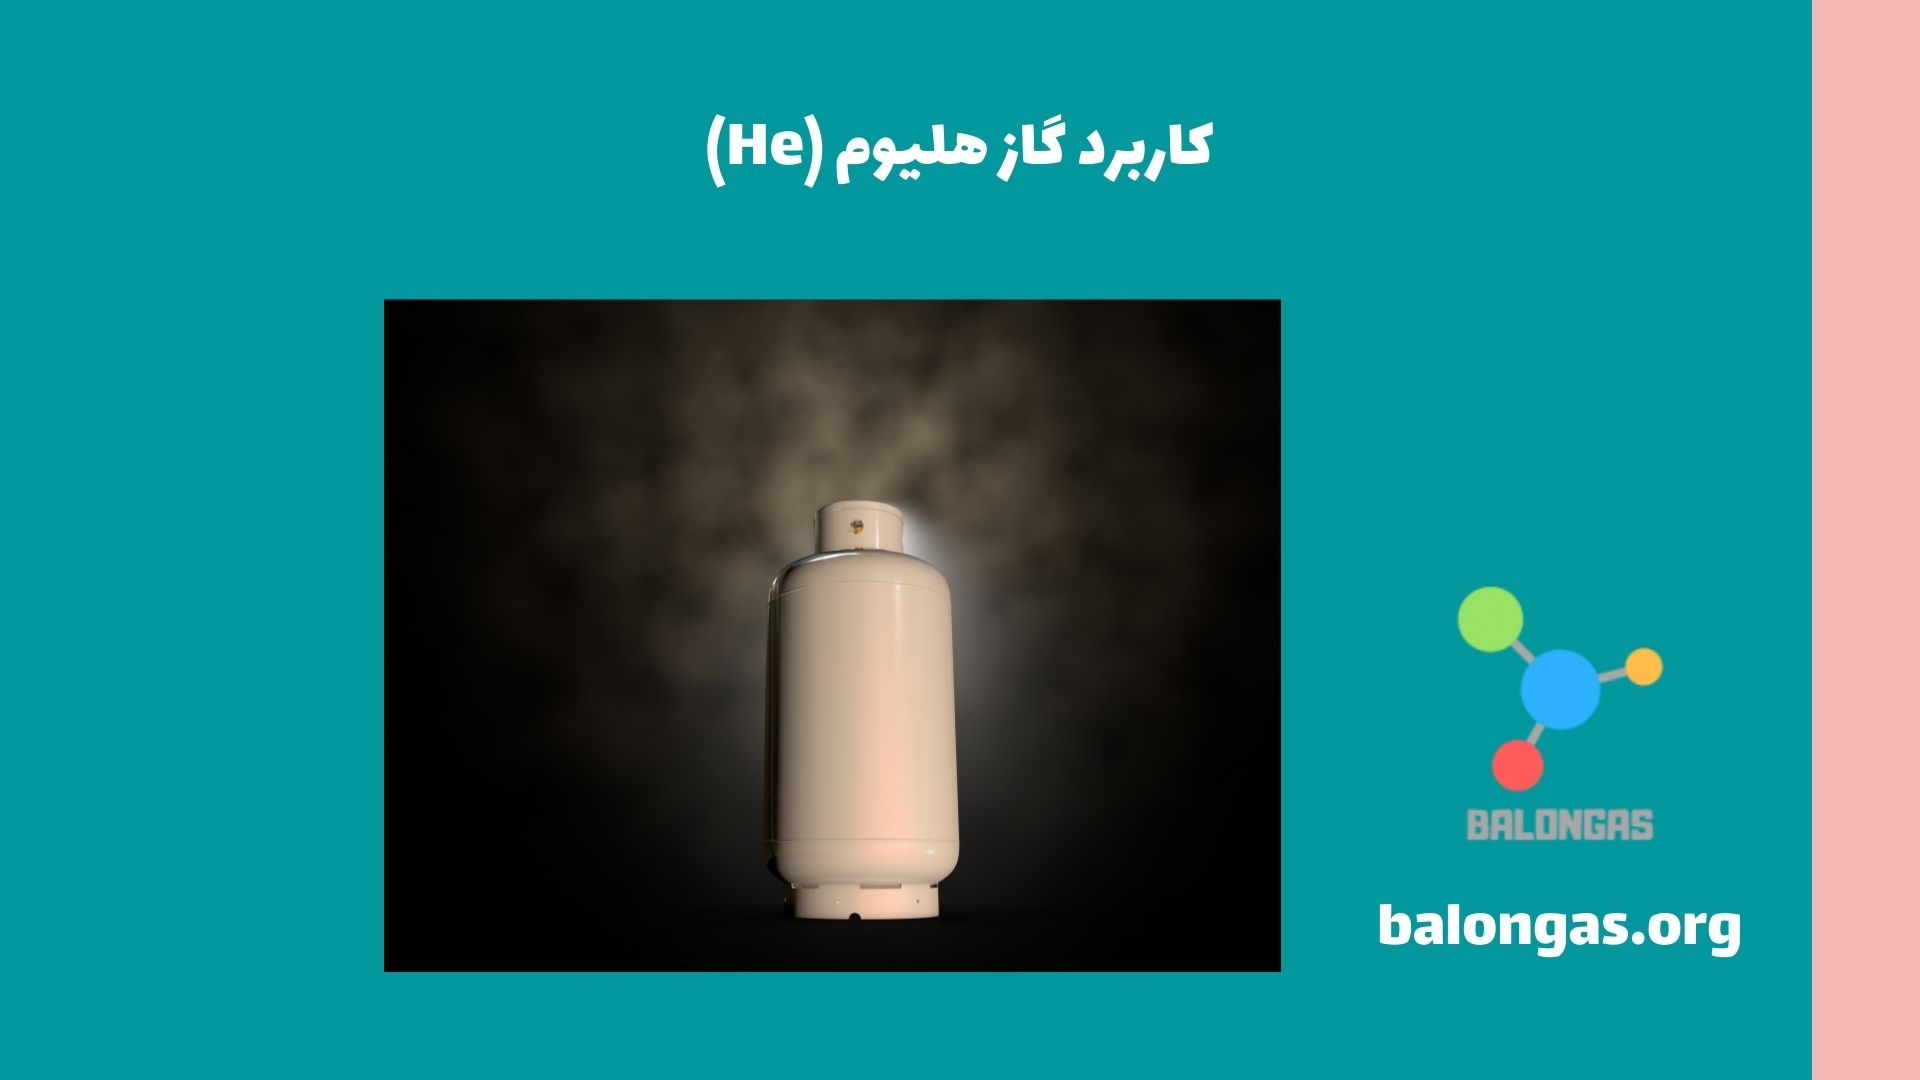 کاربرد گاز هلیوم (He)